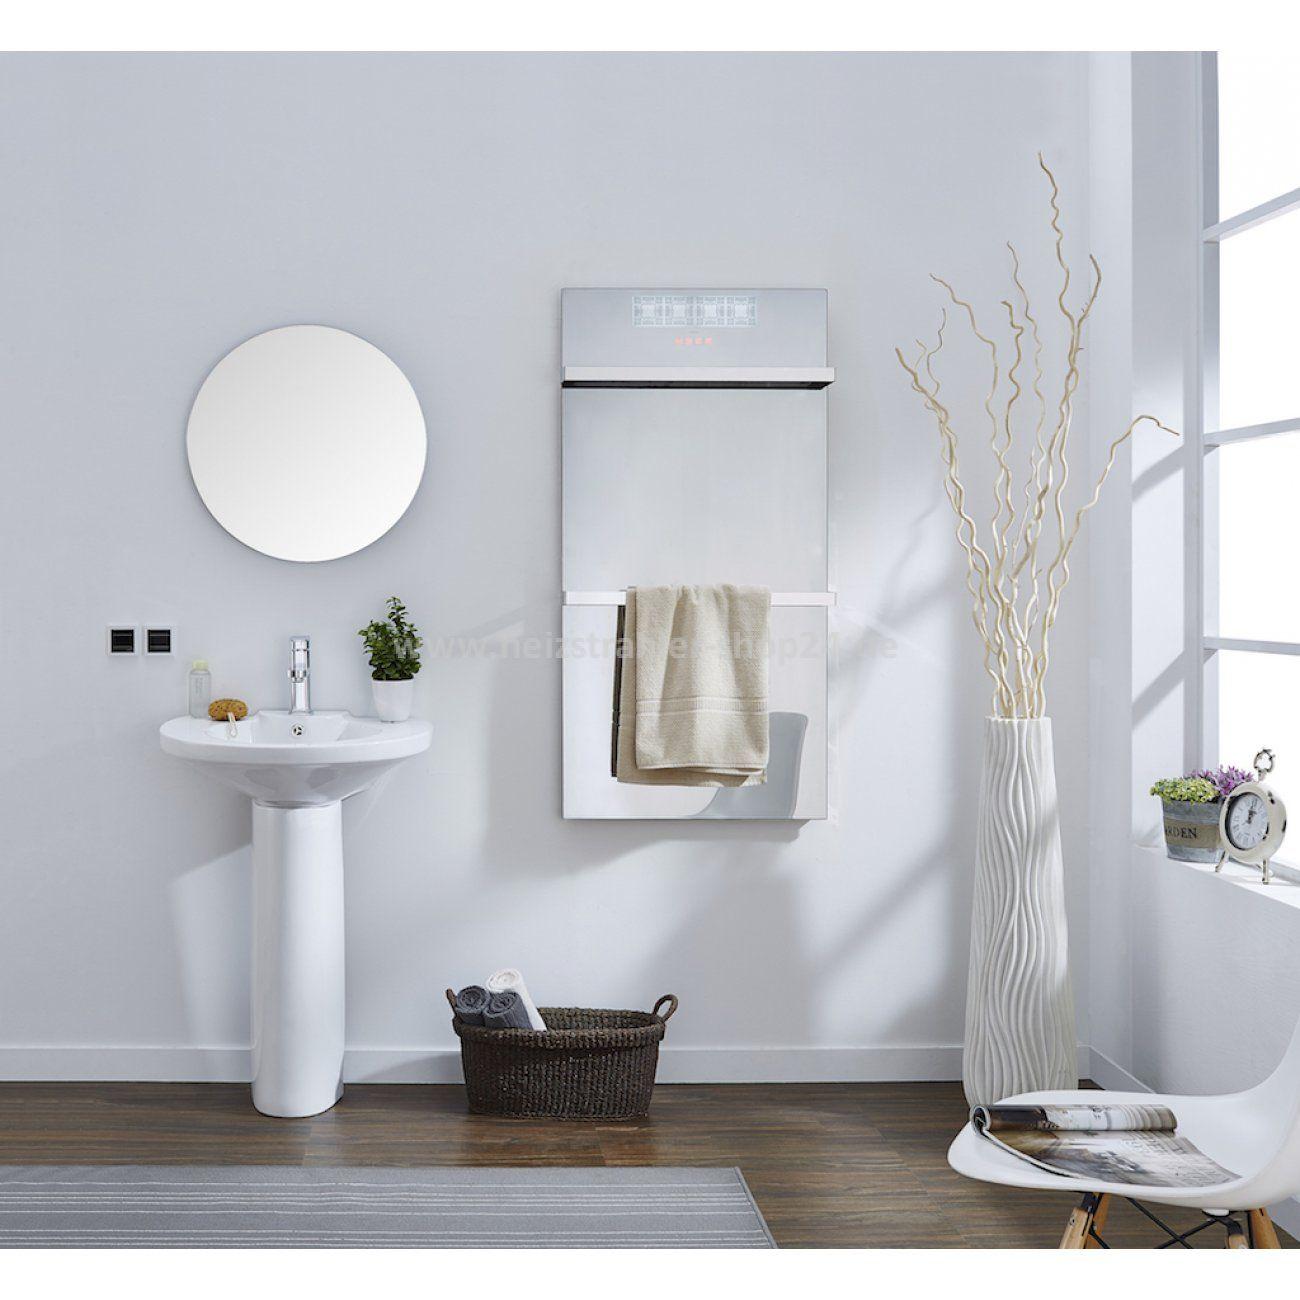 Suninx Spiegelheizung Von Infralia Mit Infrarot Furs Badezimmer